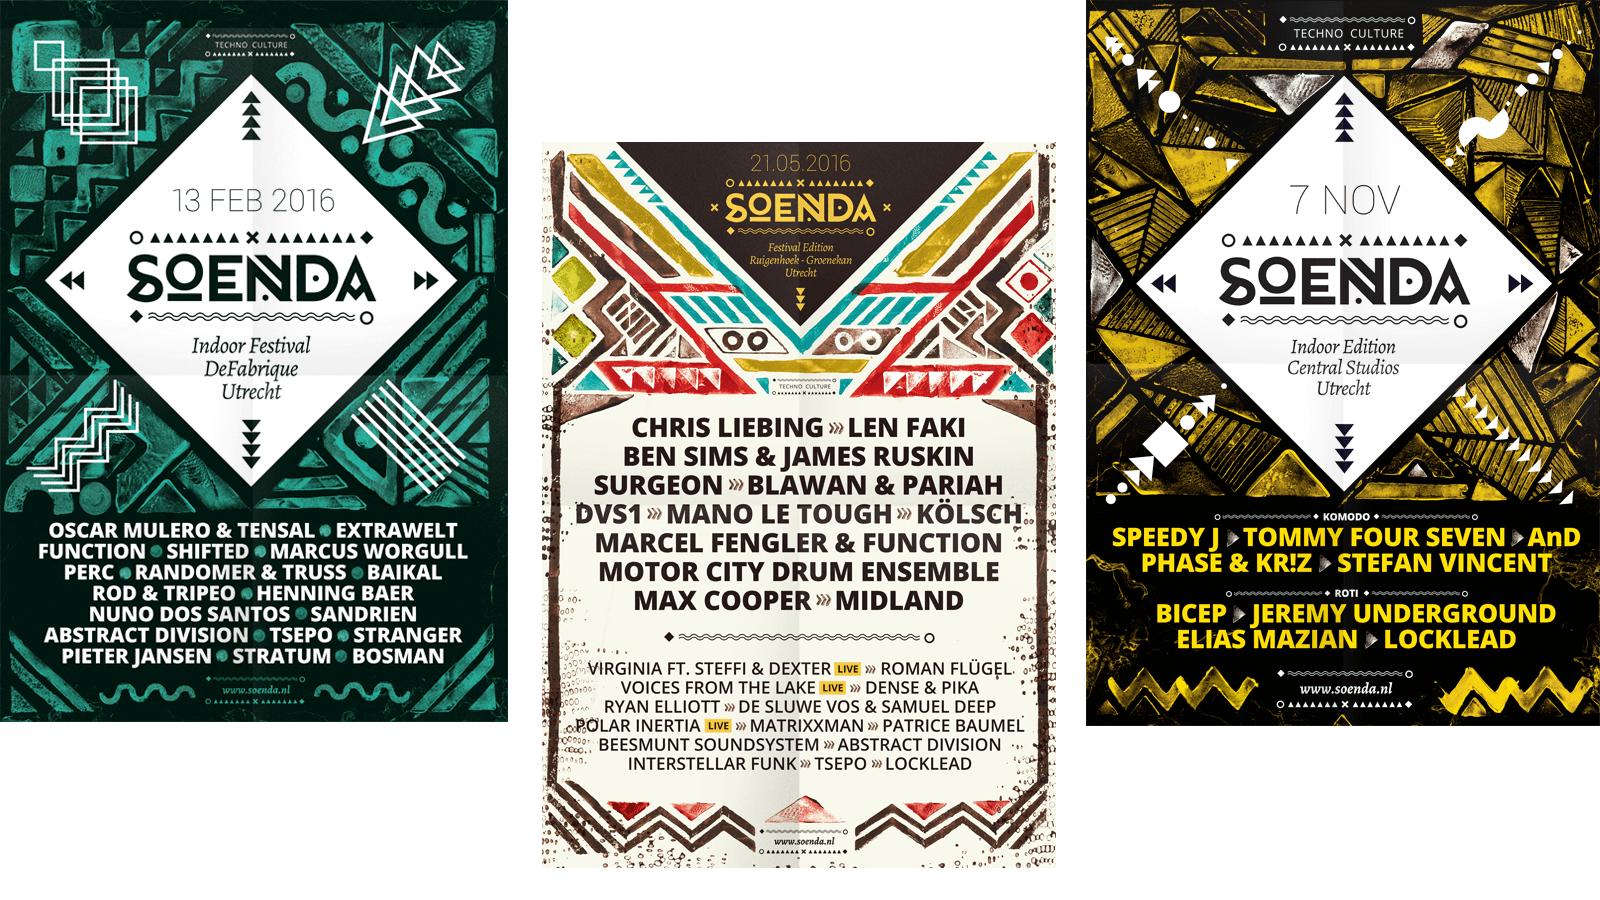 Soenda-Posters-01